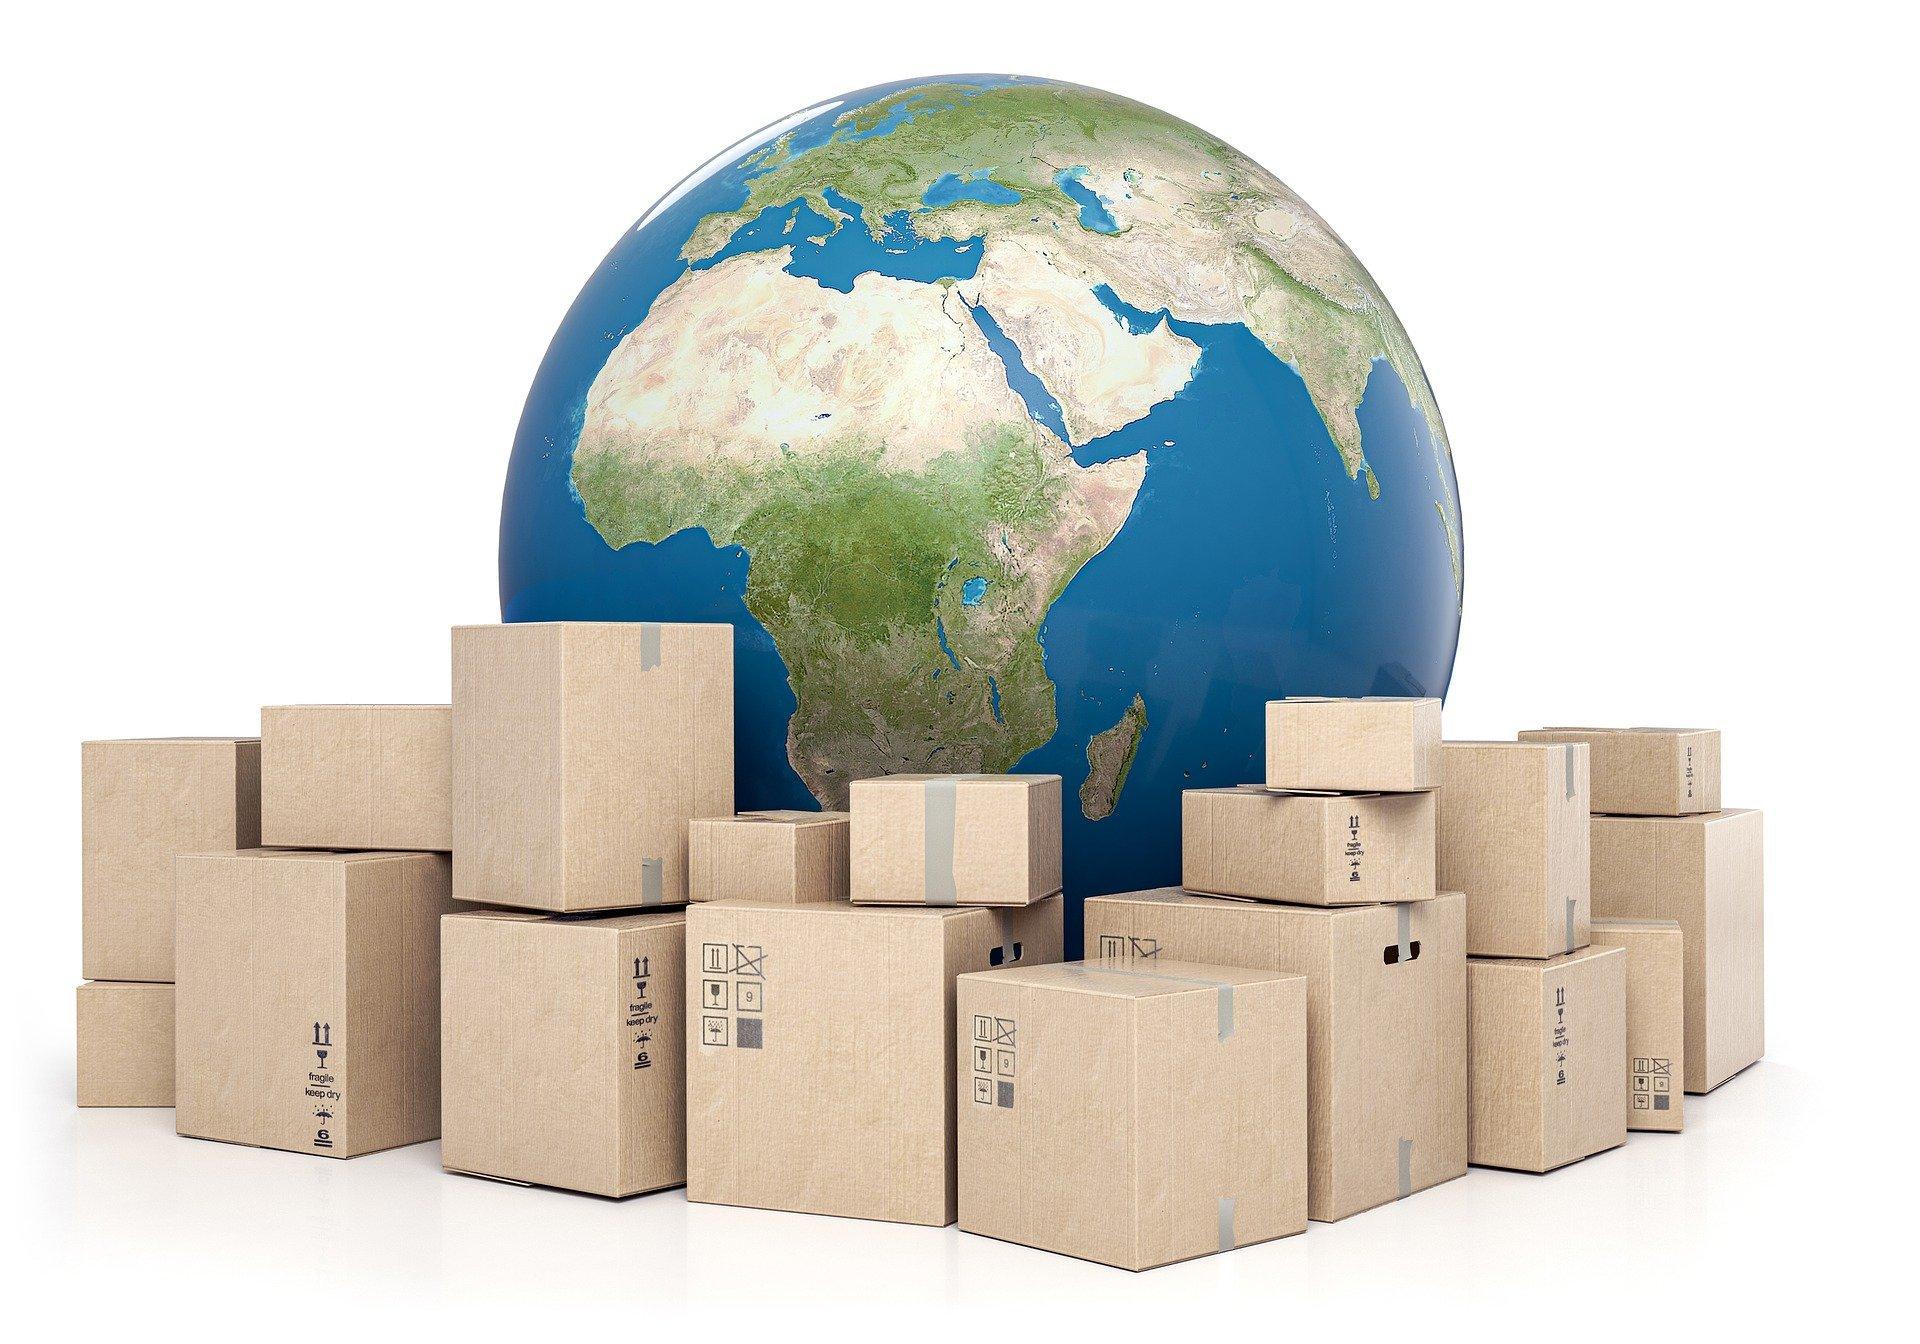 Fornitura prodotti biodegradabili per aziende e privati